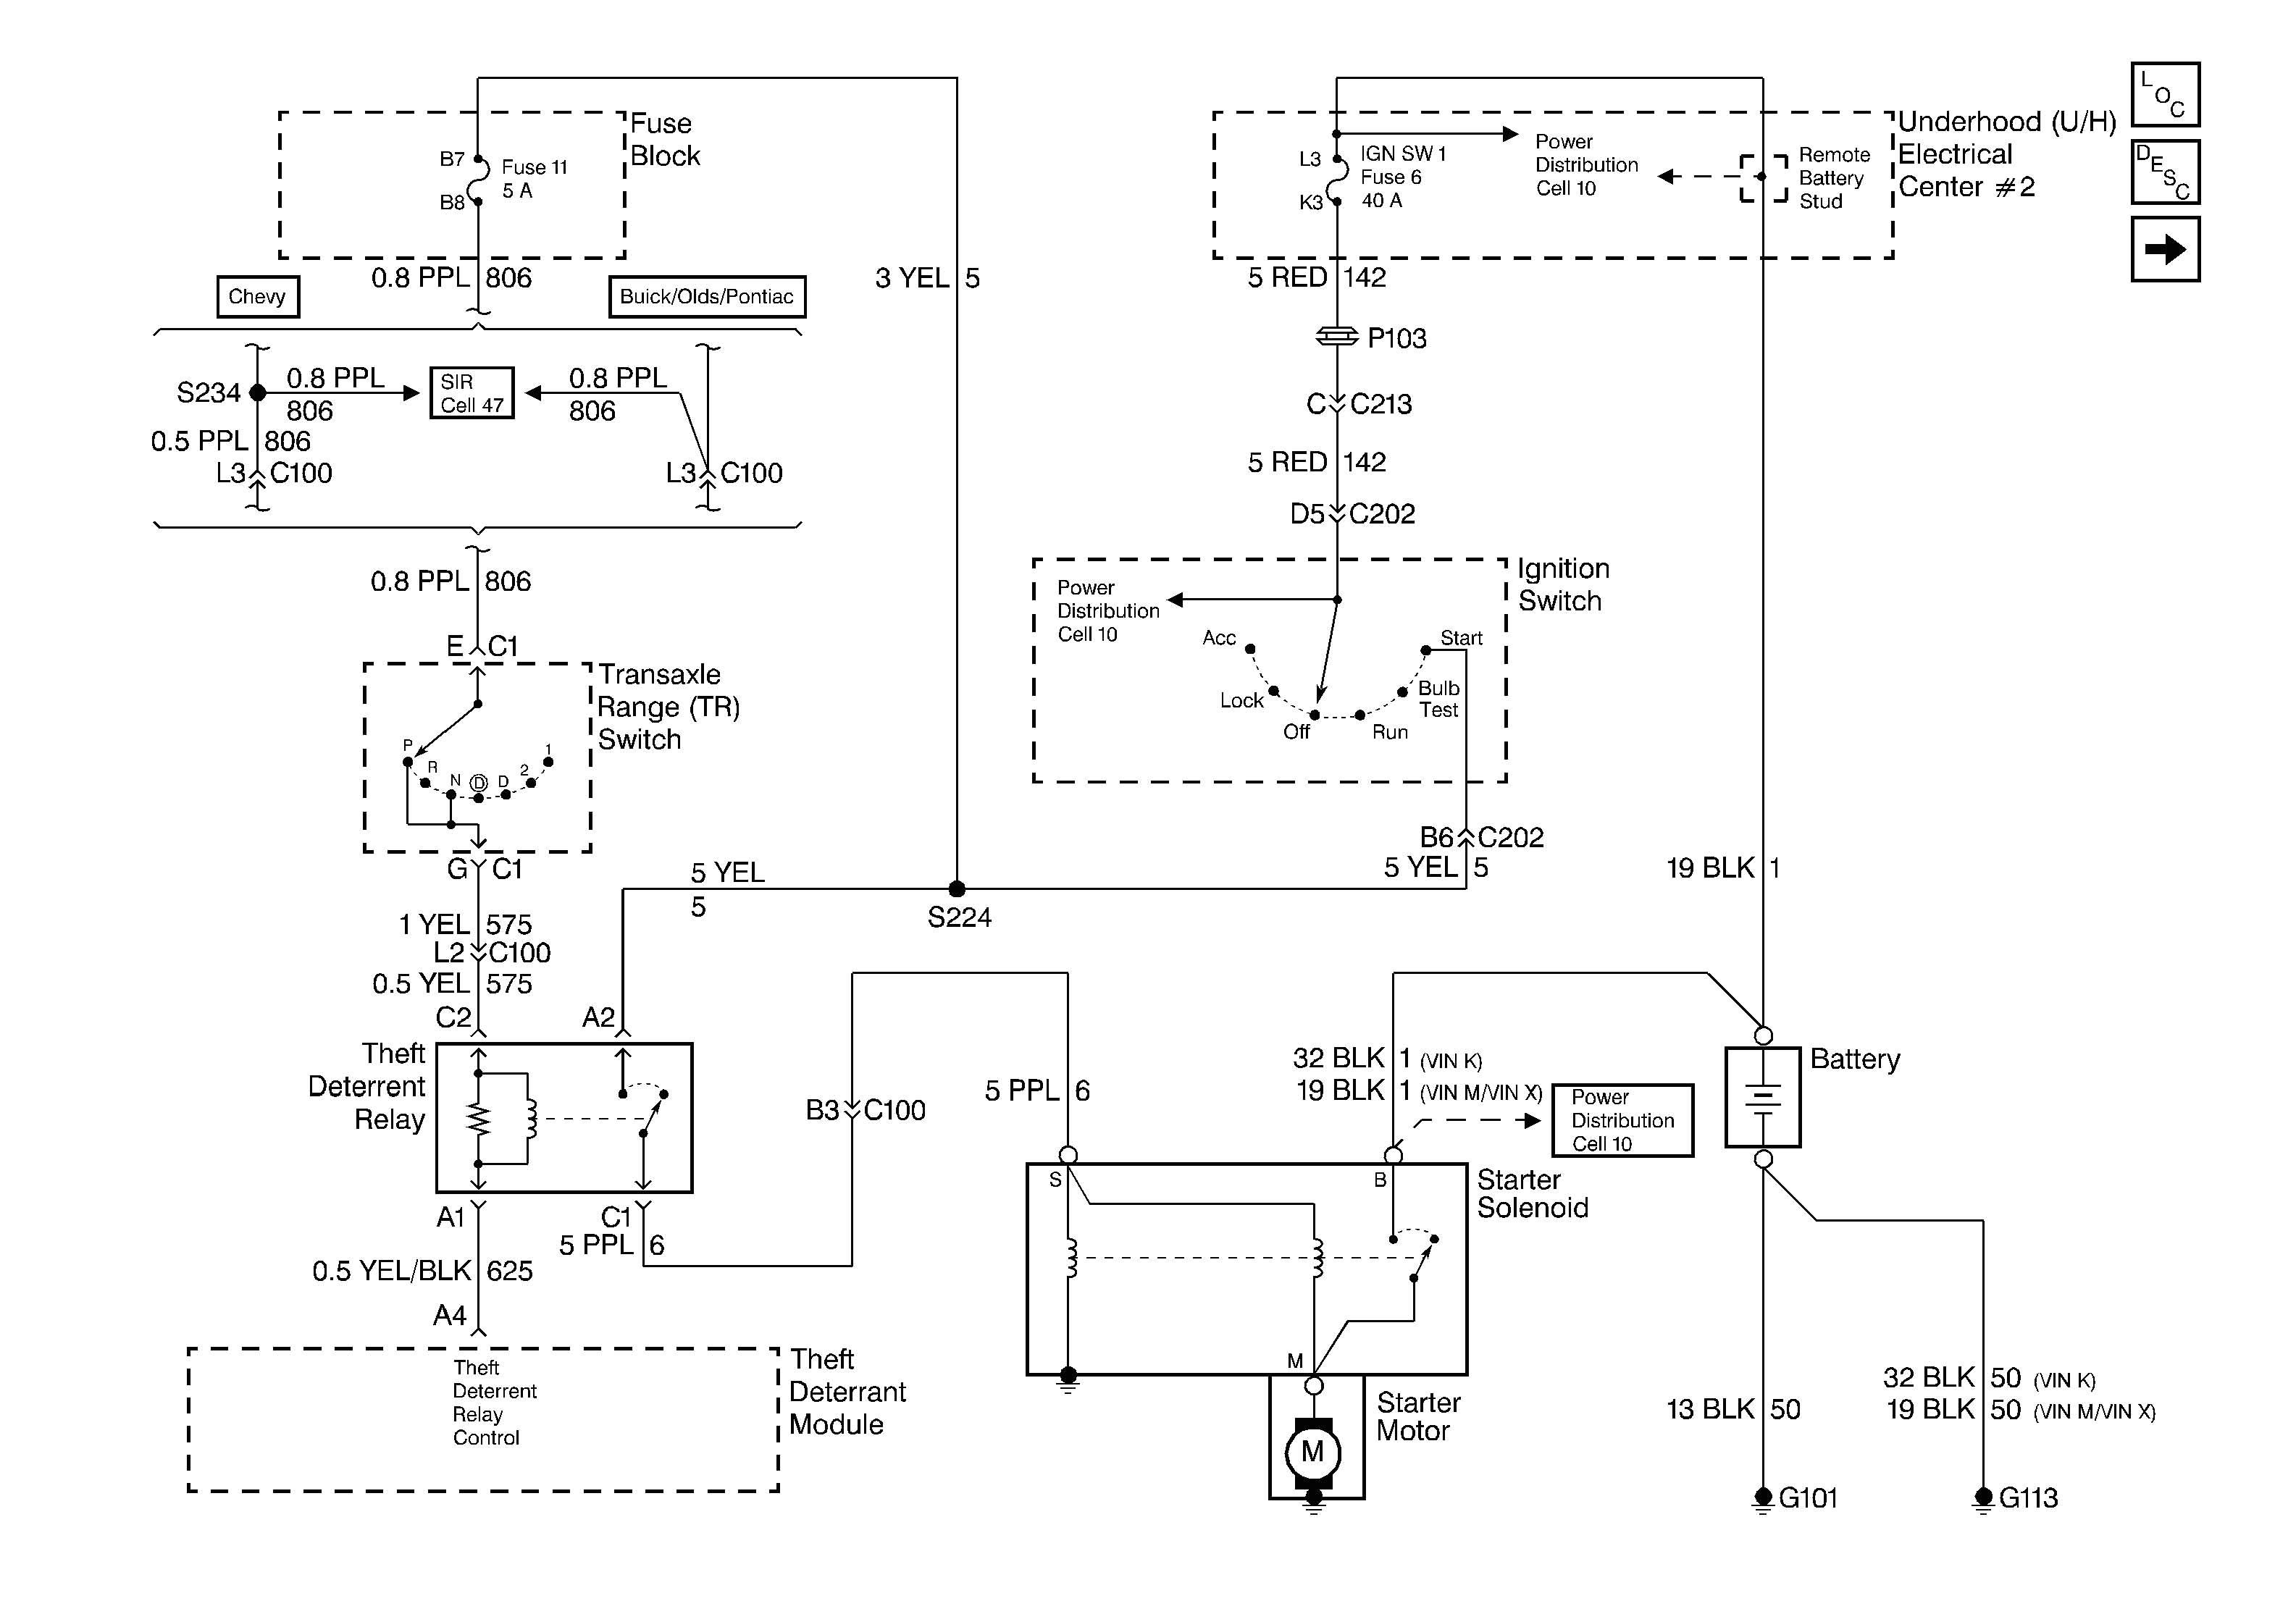 1999 monte carlo wiring diagram schematic data schematic diagram1999 chevrolet monte carlo wiring diagram wiring diagram